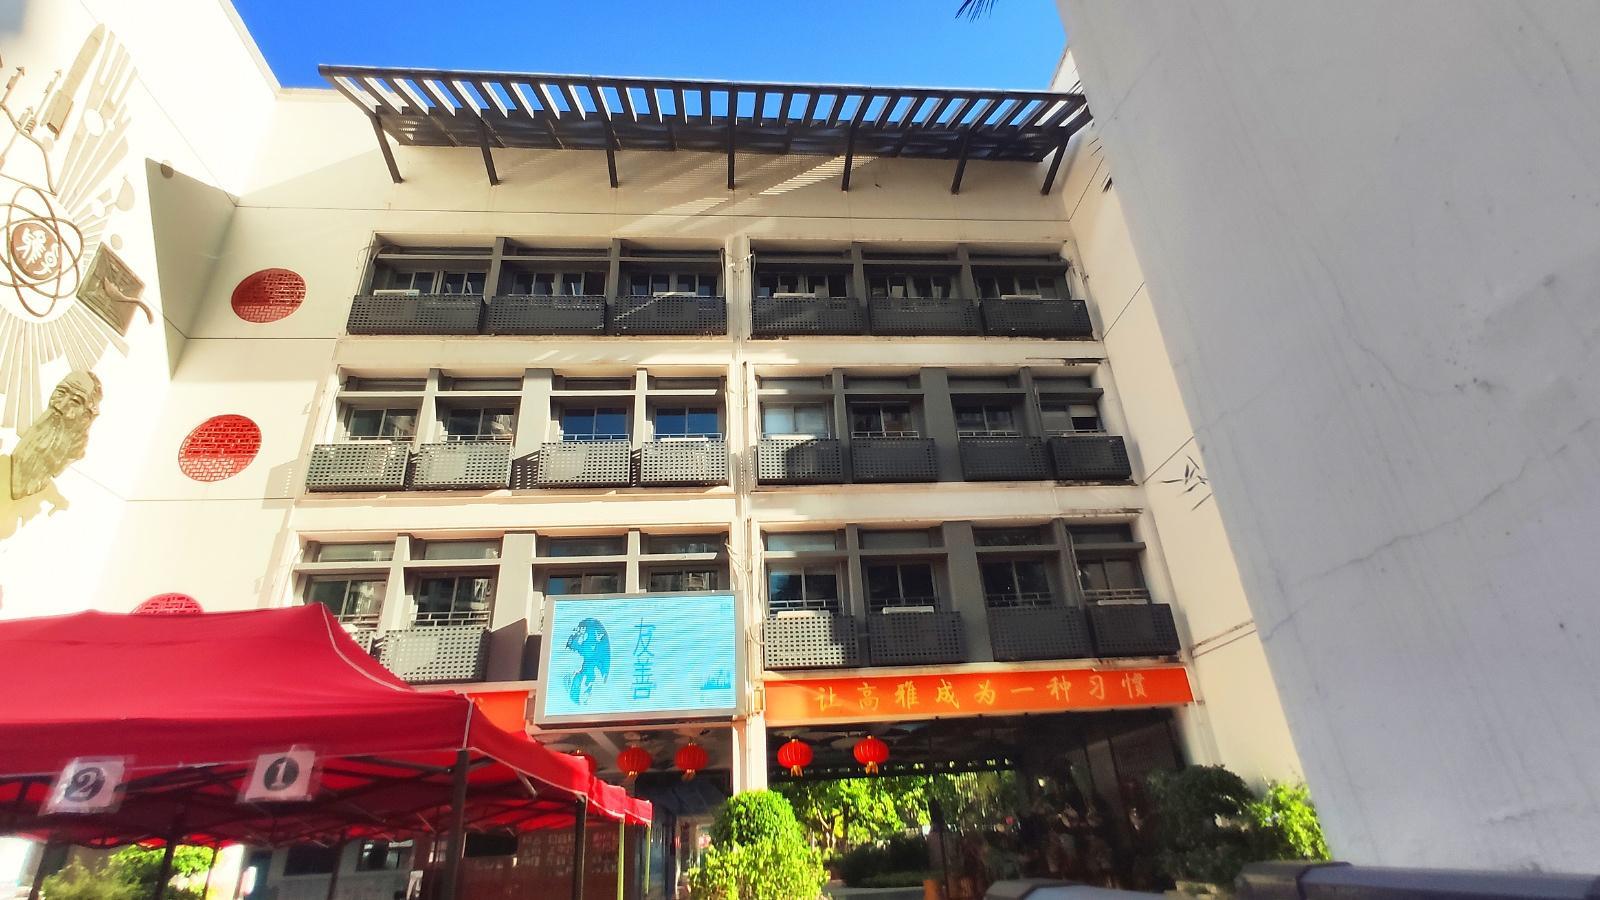 深圳市南山区卓雅小学4